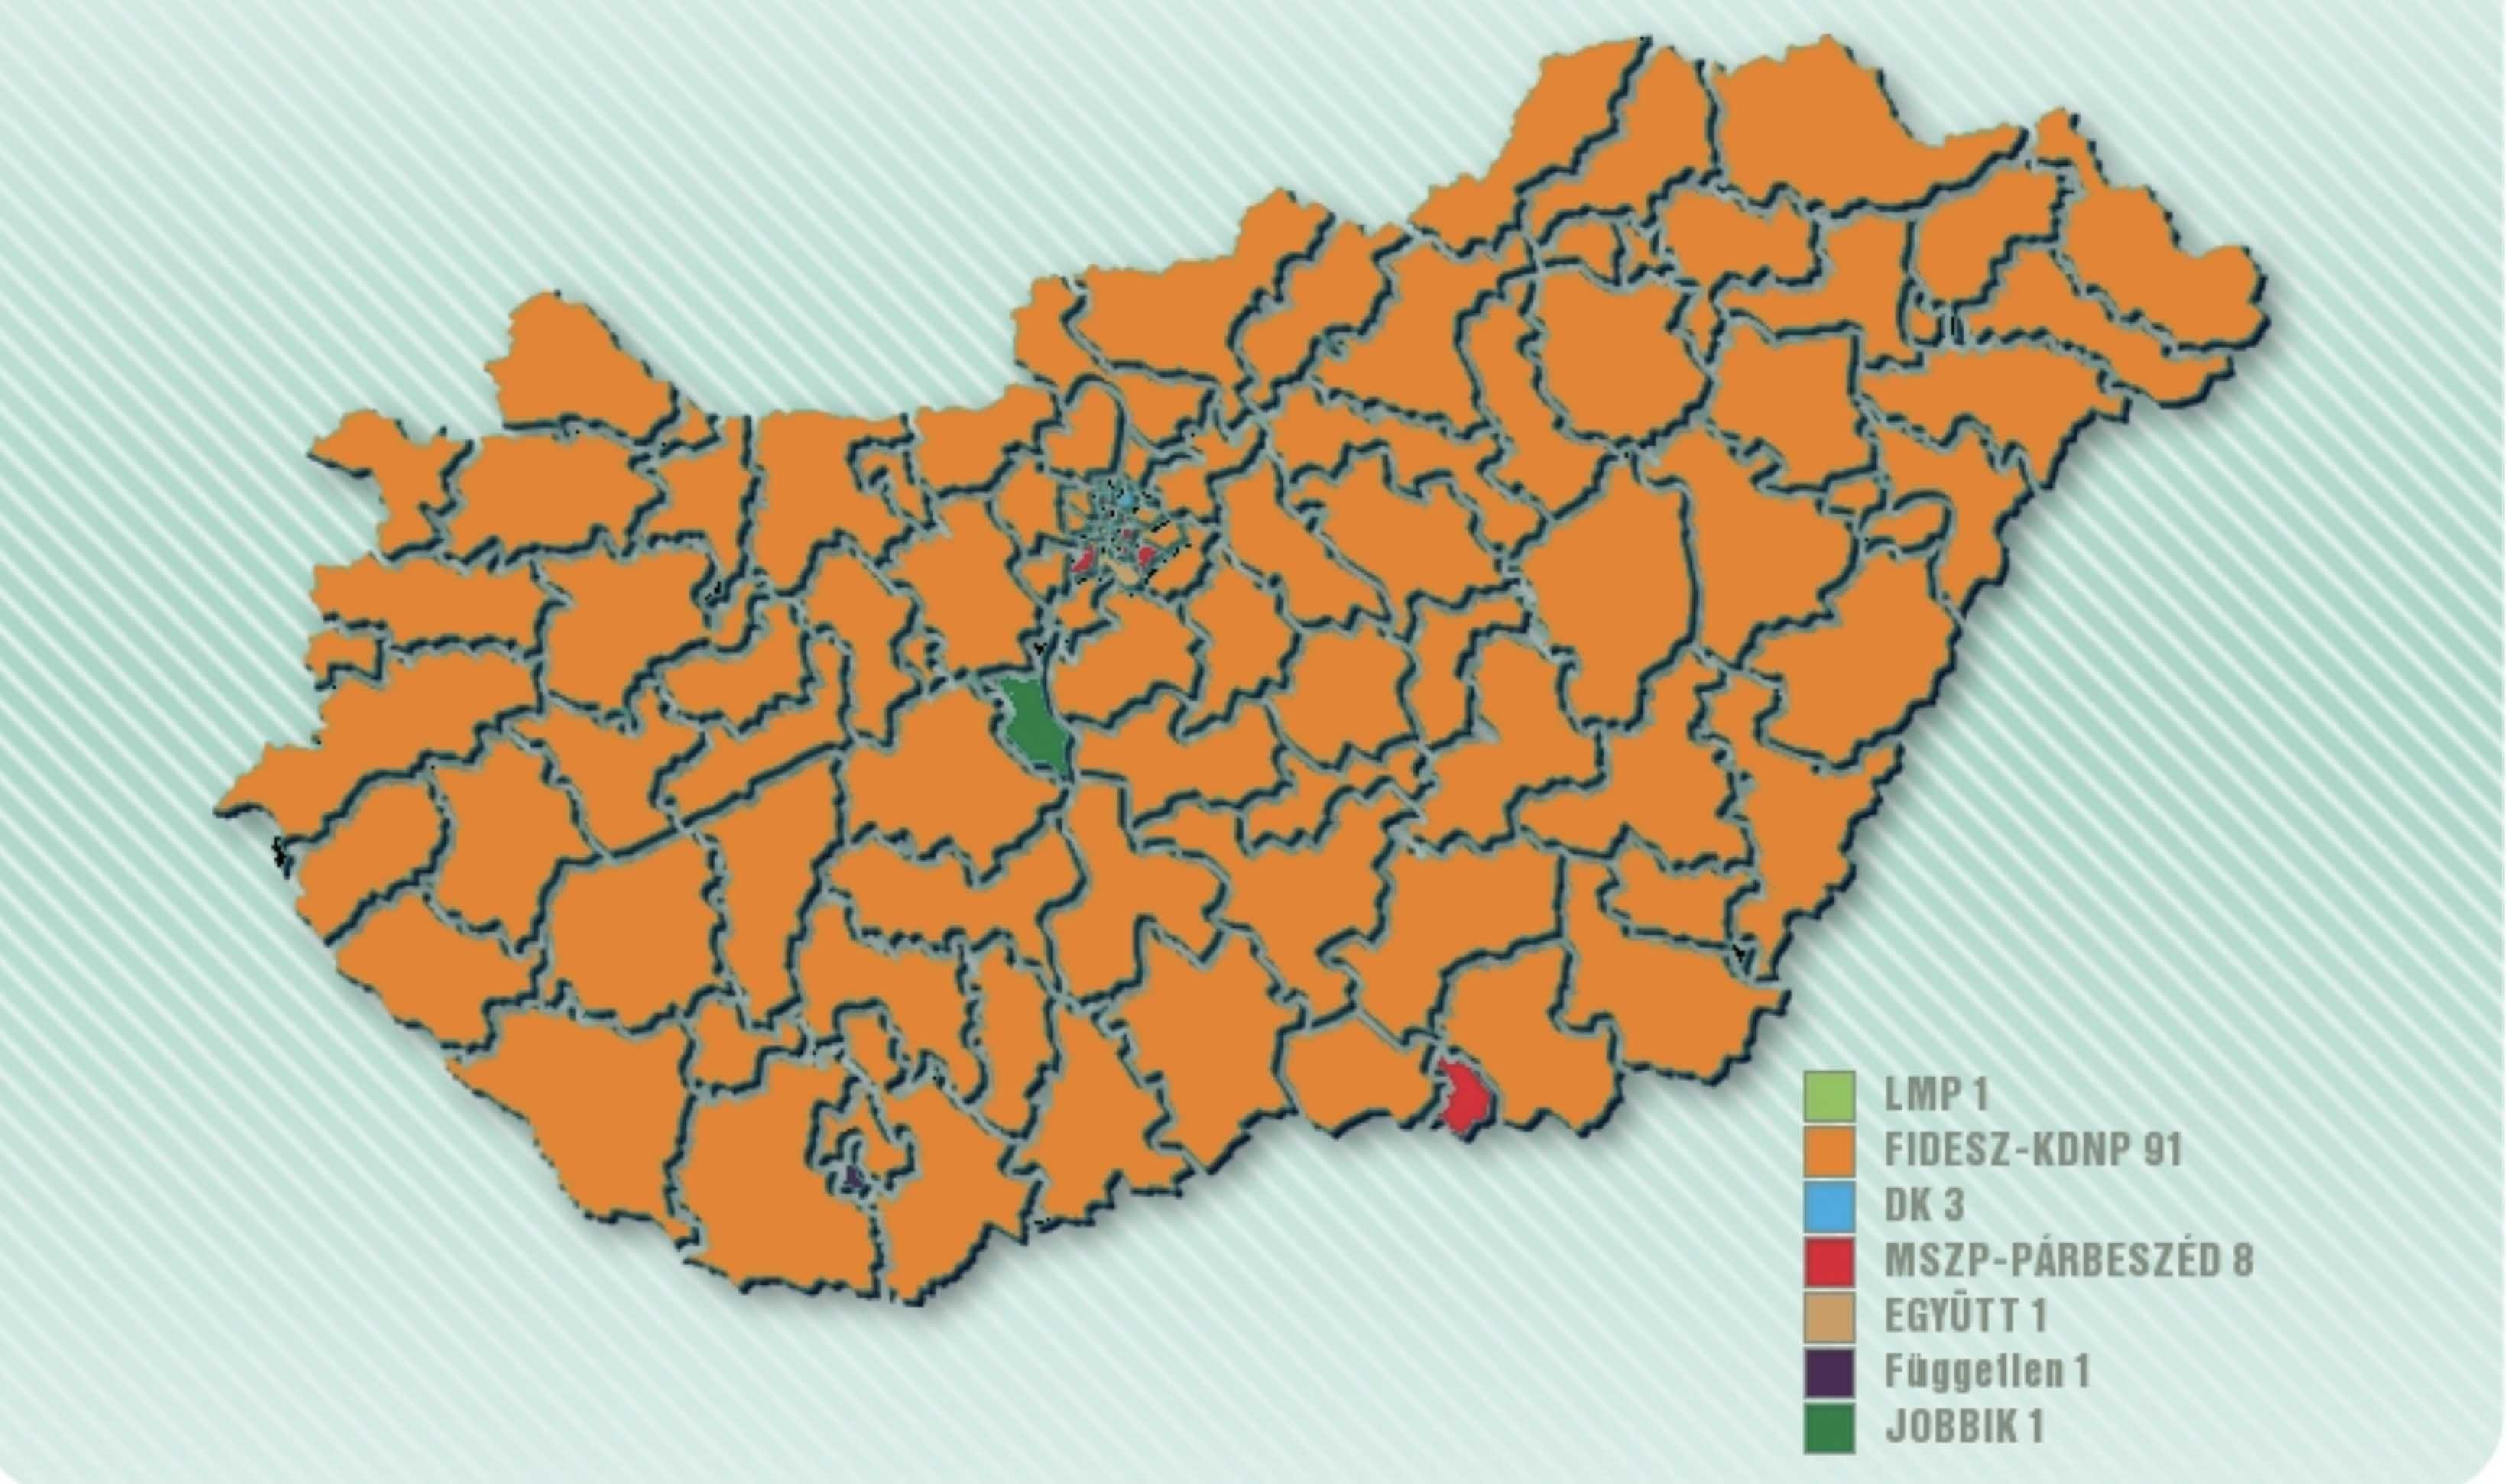 14/13 – a Csongrád-Békés-Bács-Kiskun hozta a Fidesz-KDNP kötelezőt